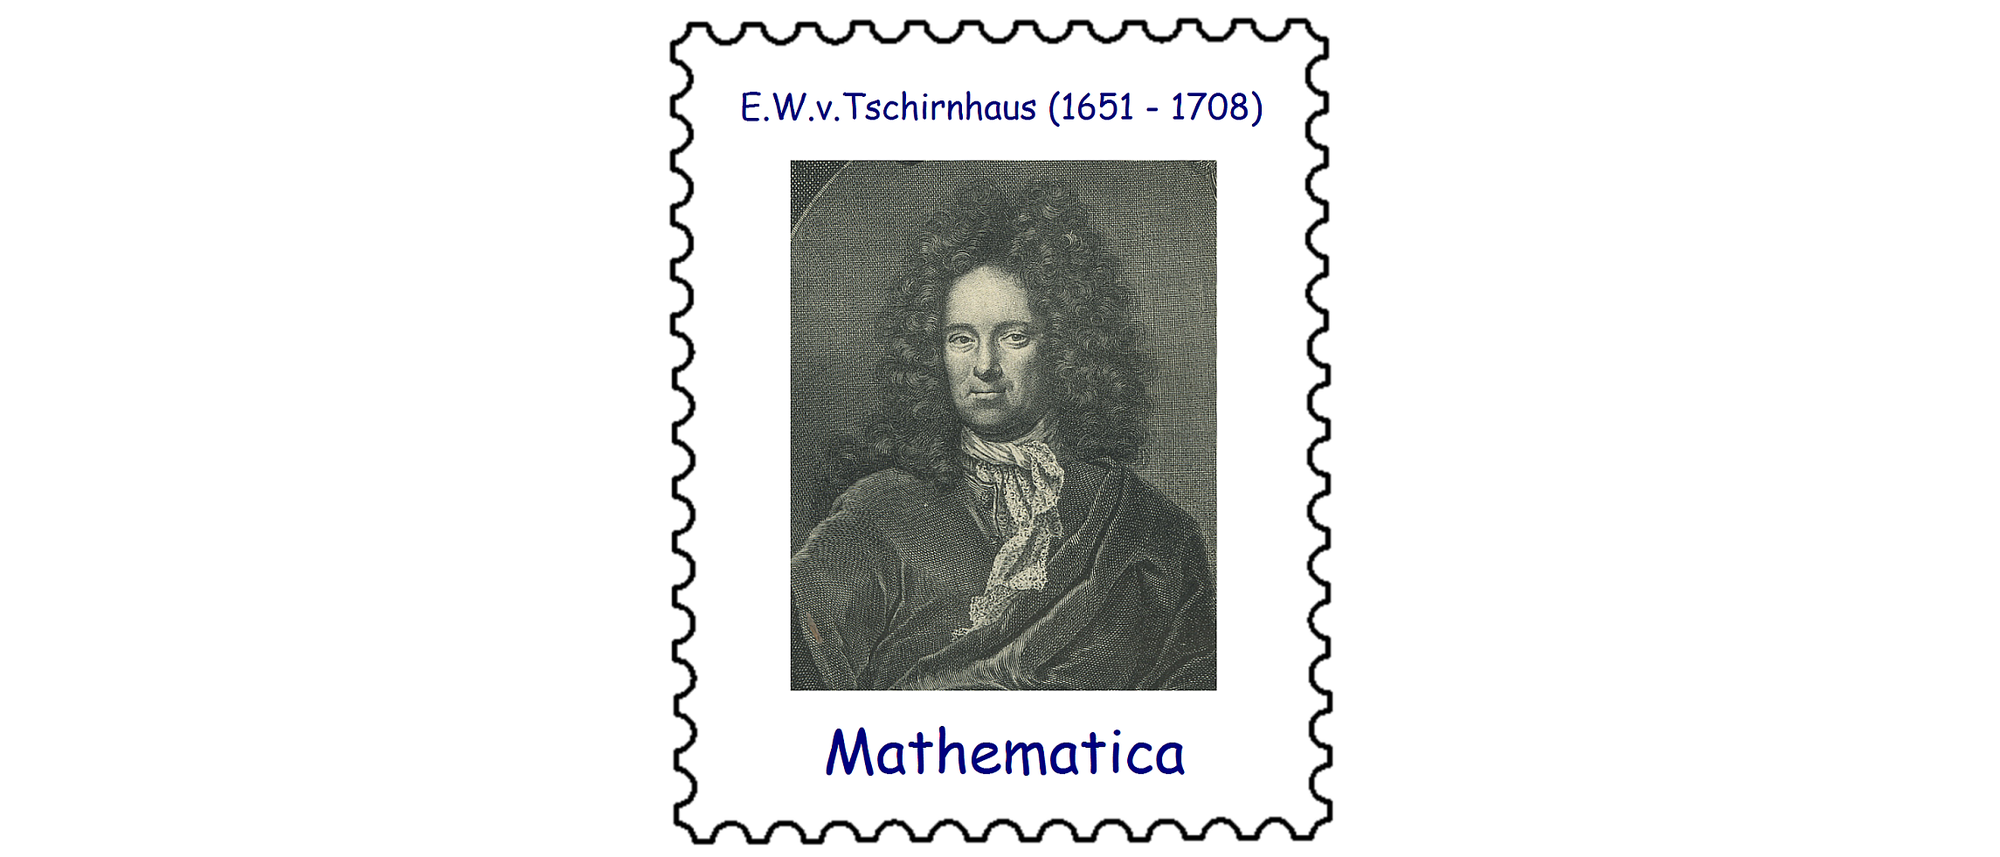 Ehrenfried Walter Graf von Tschirnhaus (1651–1708)